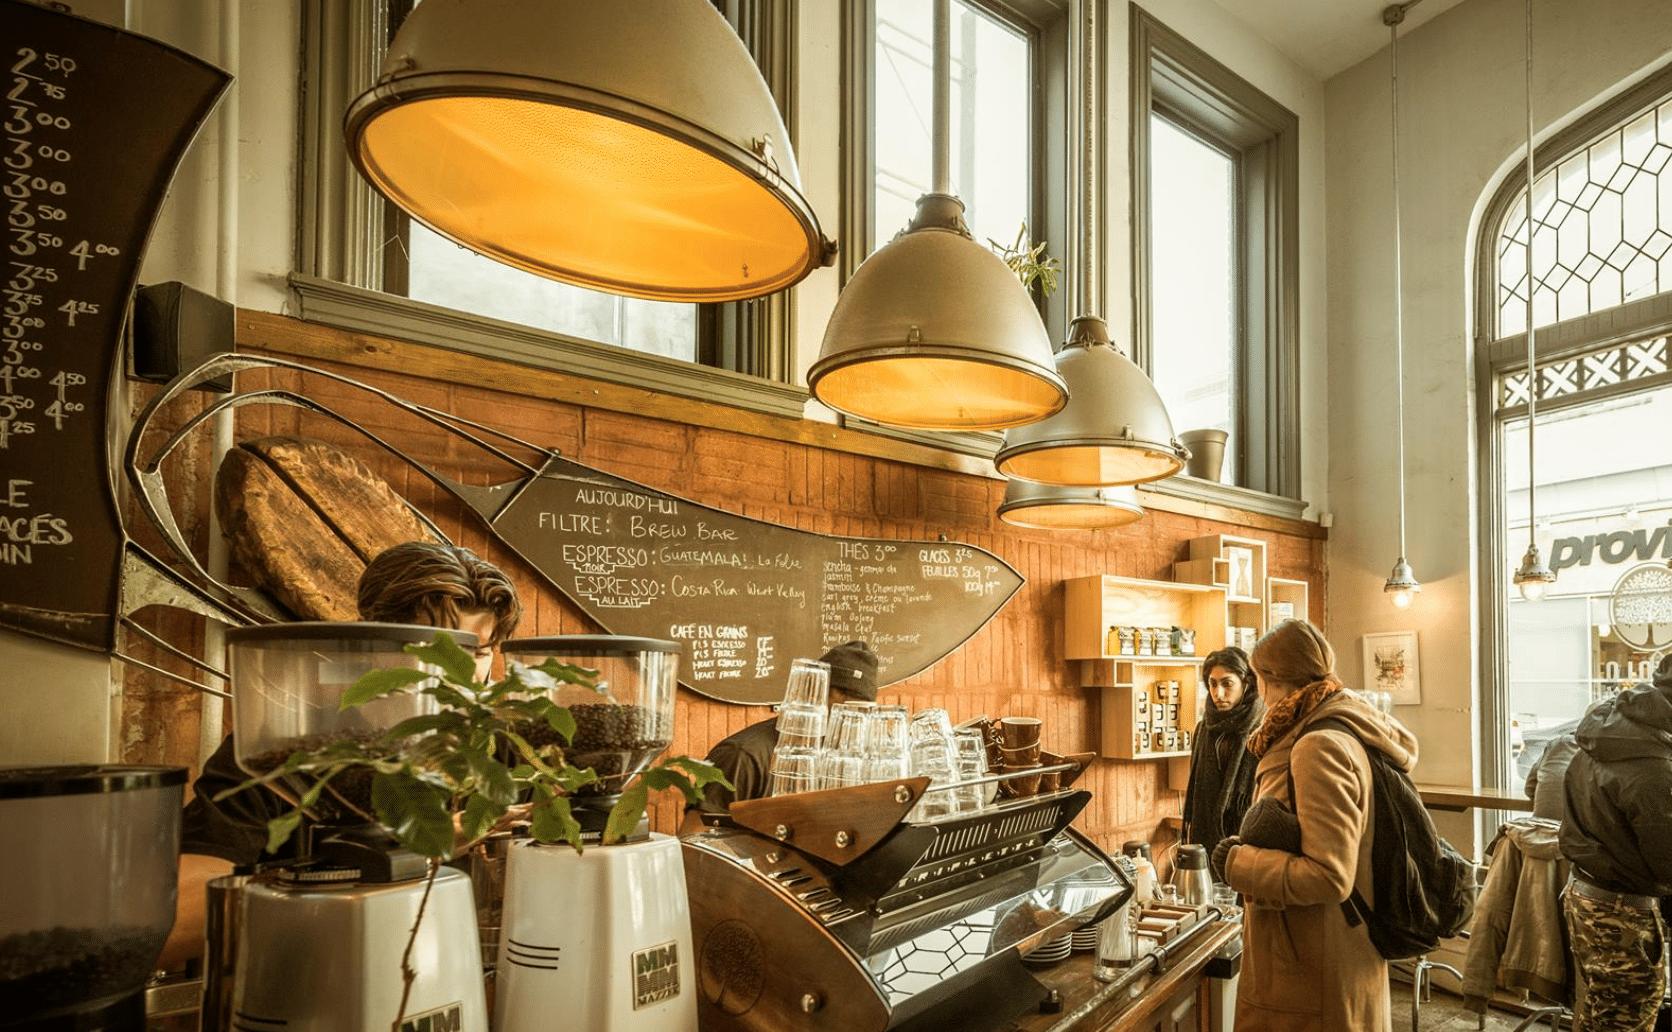 Pikolo Espresso Bar Cafe